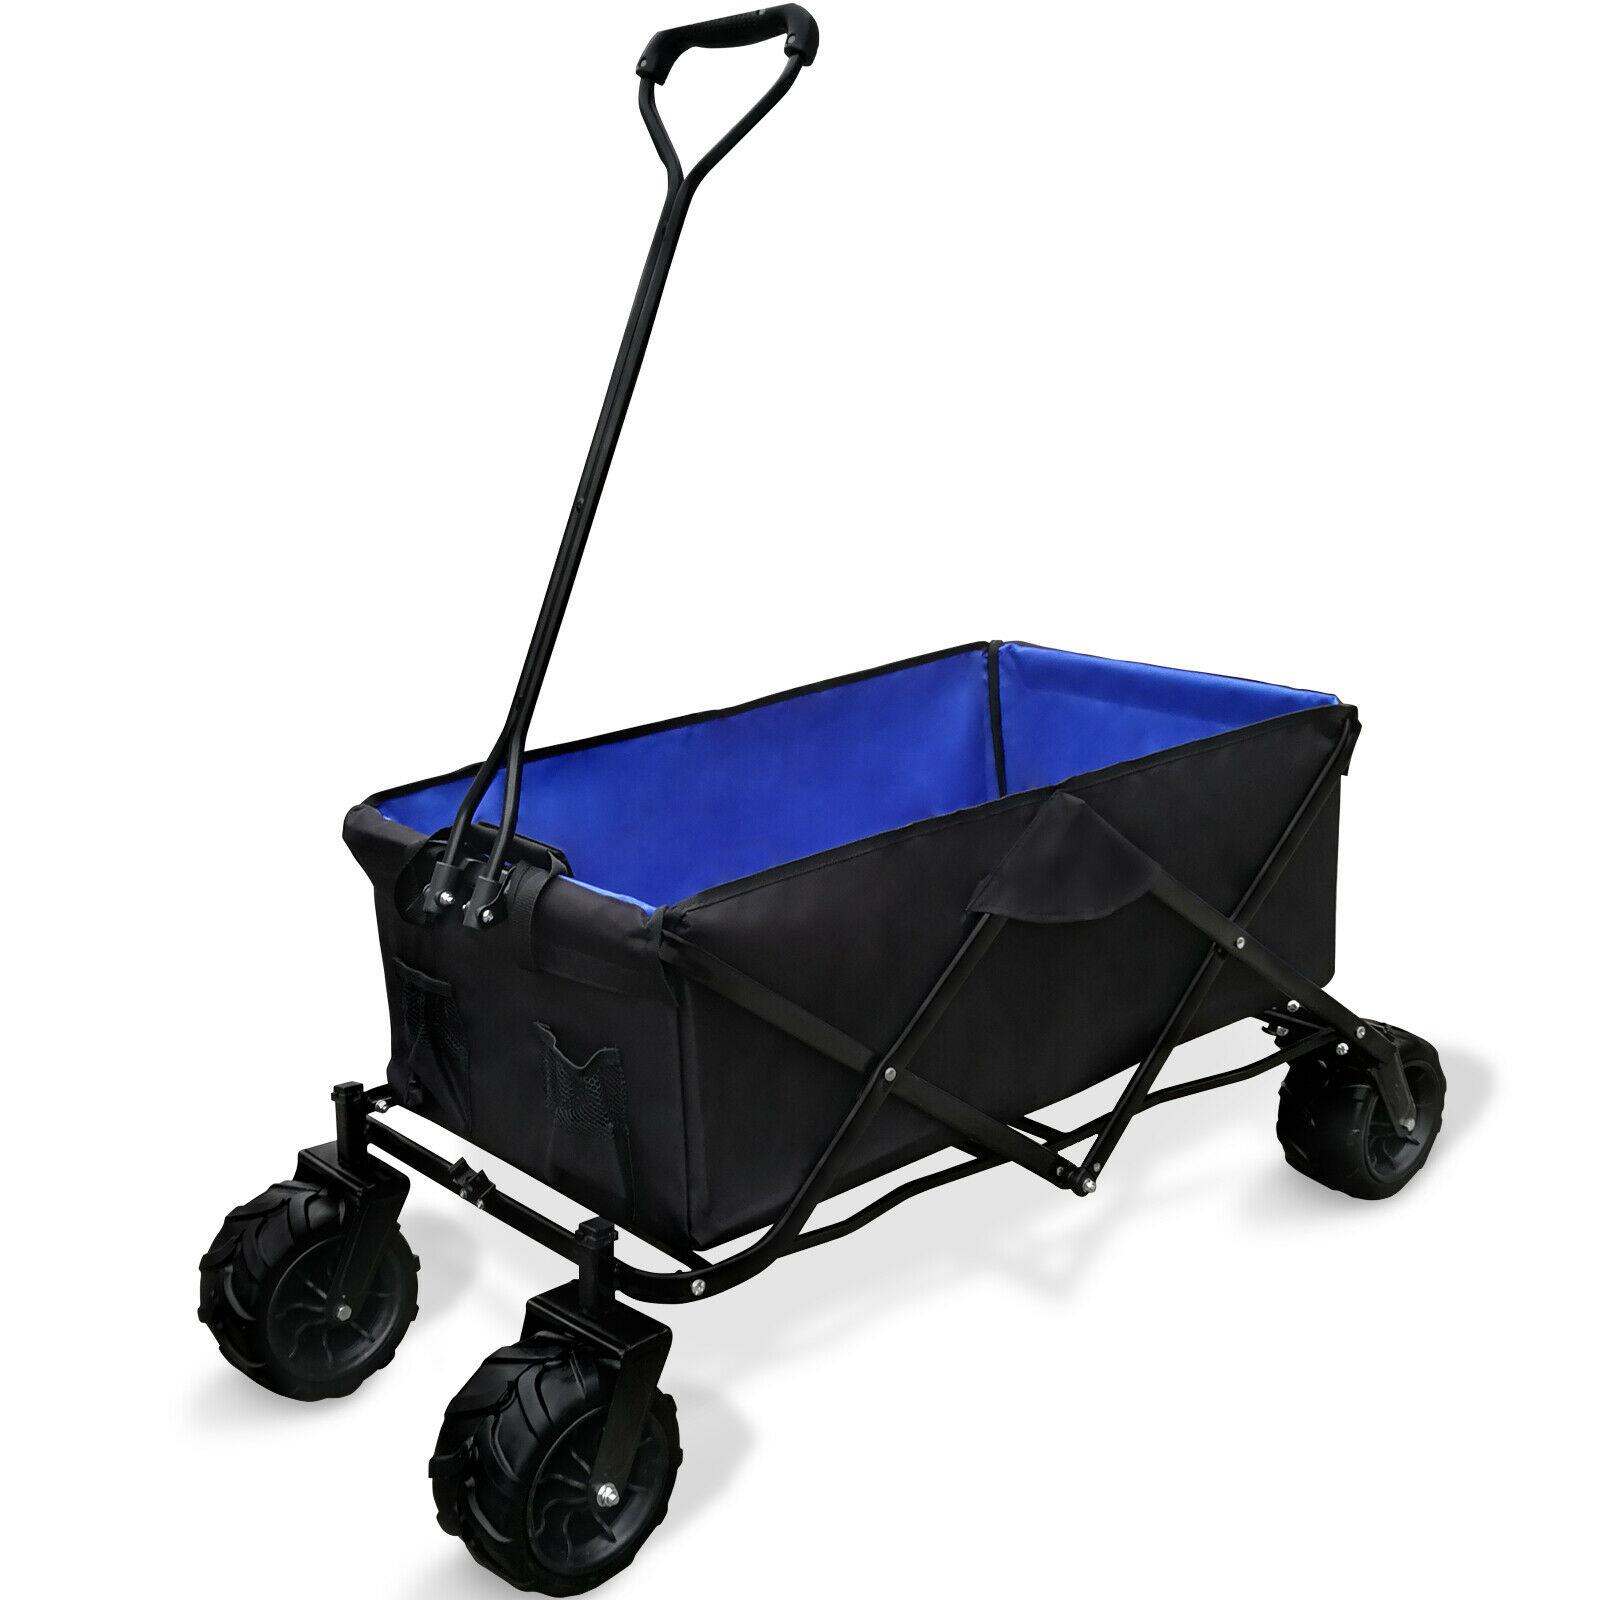 Détails Sur Chariot De Transport Charette Remorque Jardin Pliable Avec Roues tout Chariot De Jardin 4 Roues